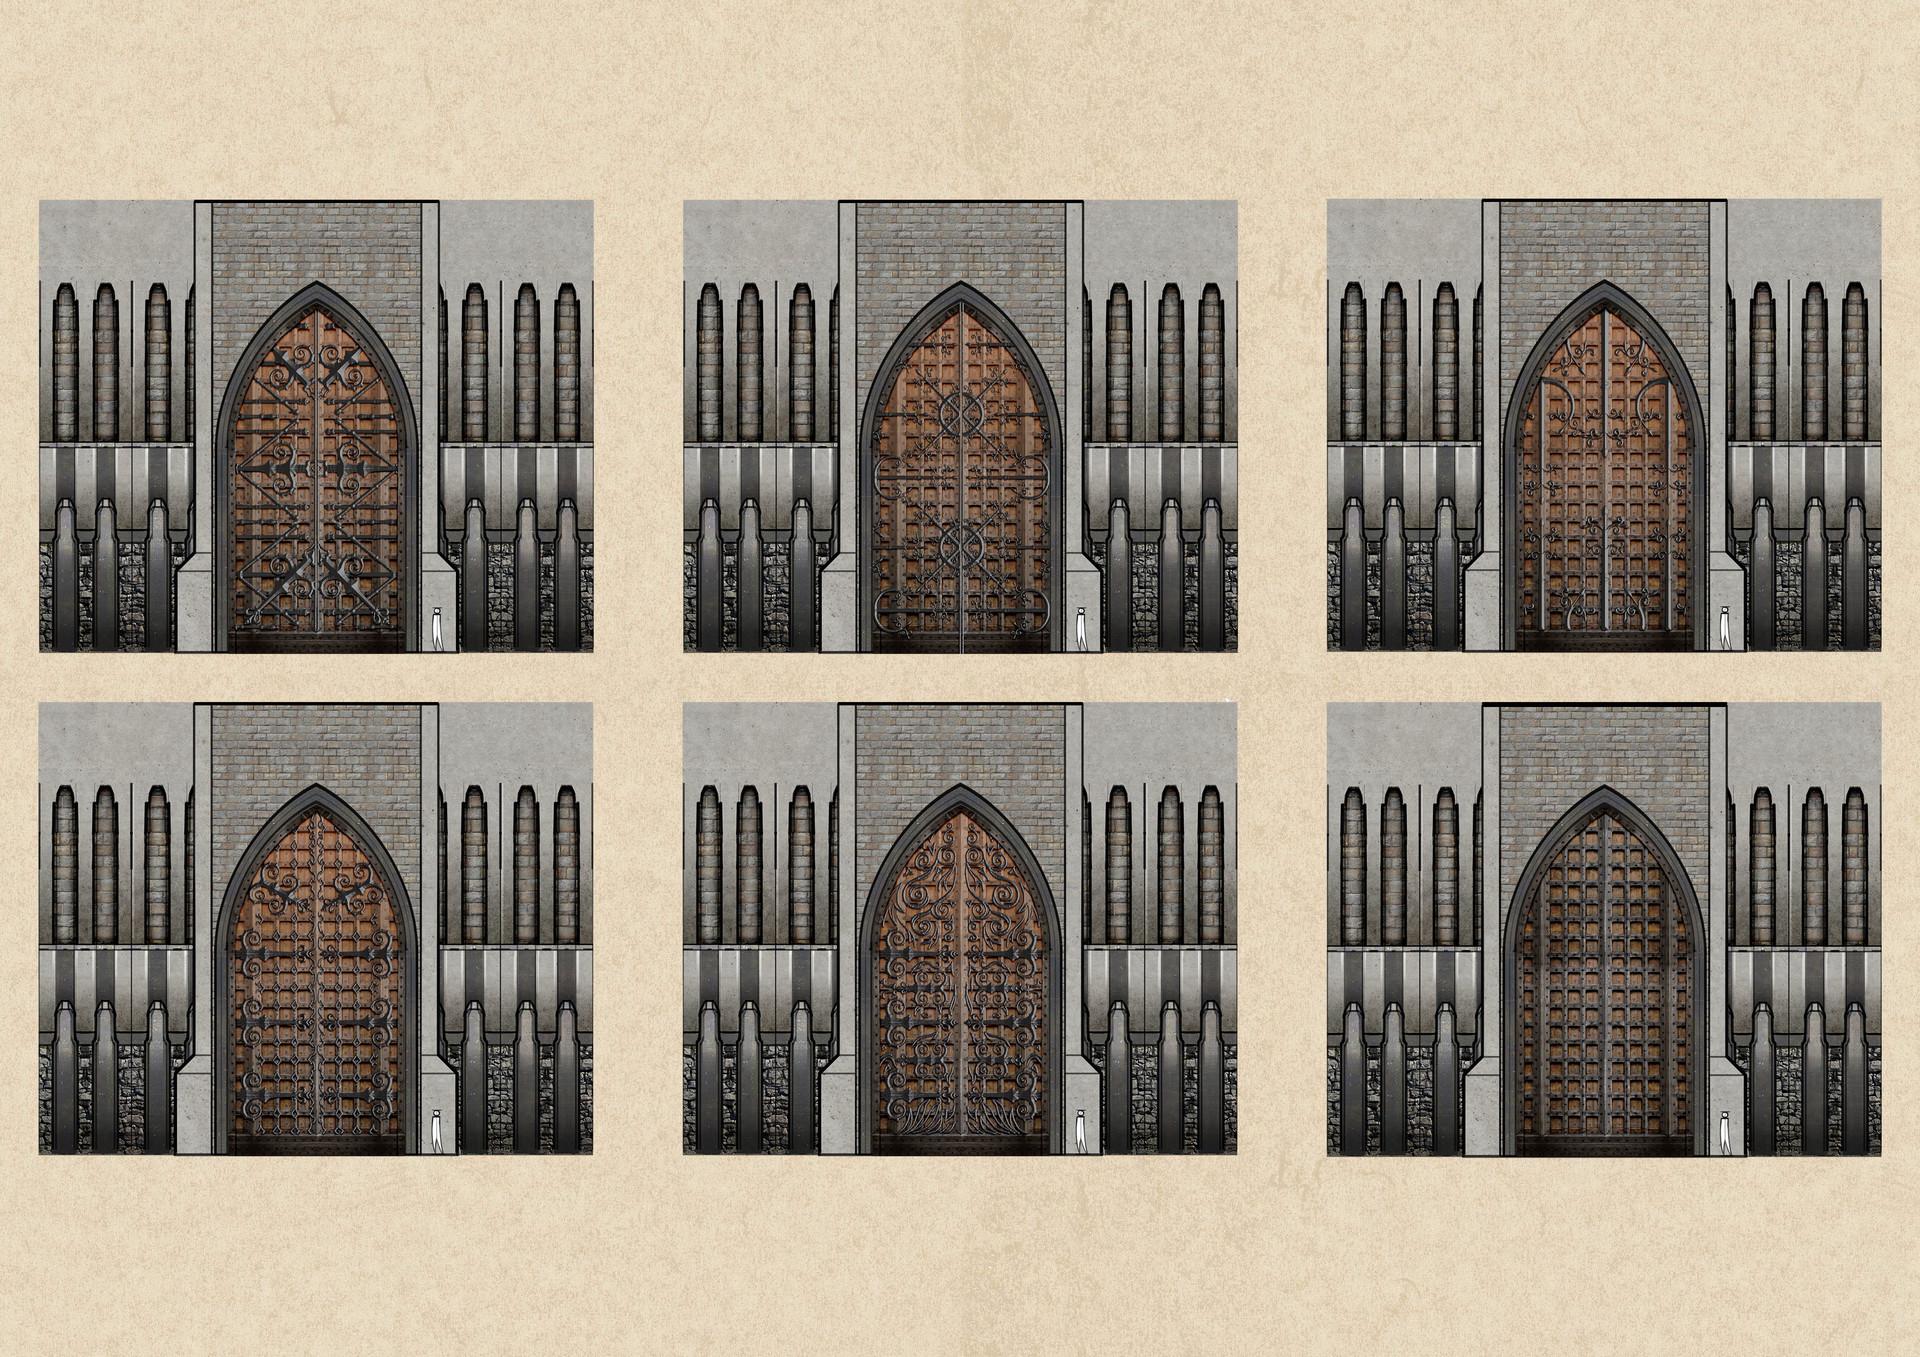 Tudor morris gate